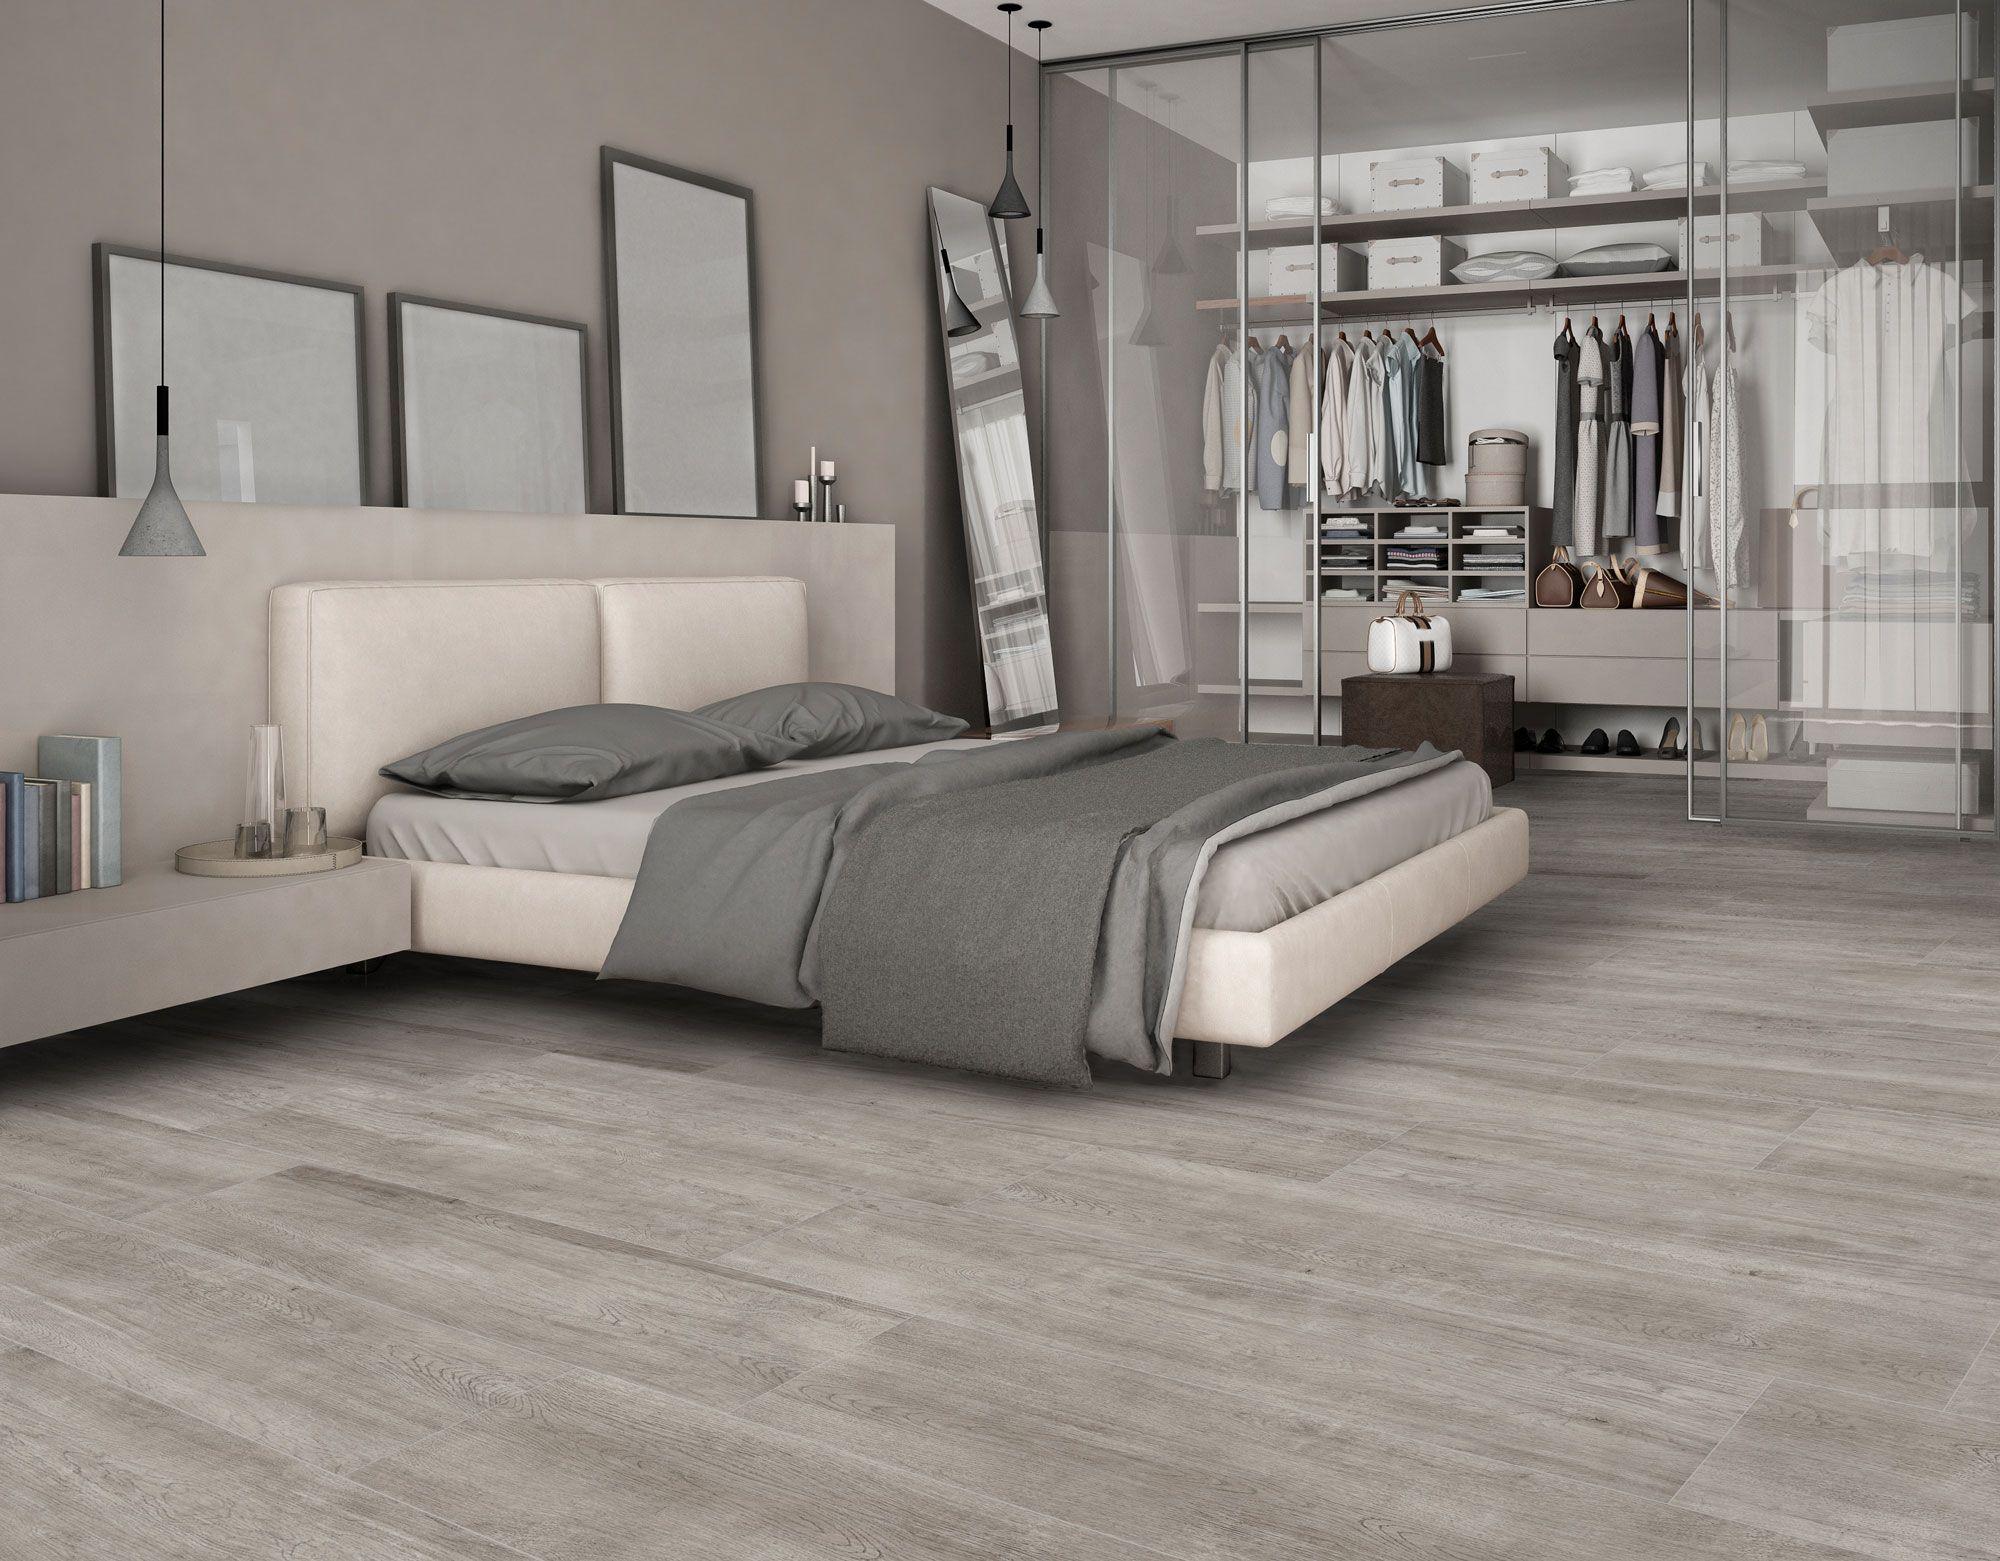 Ceramic Woods For Nordic Style Bedrooms Maderas Ceramicas Para Dormitorios De Estilo Nordico Dormitorios Ceramicas Para Dormitorios Apartamento Industrial